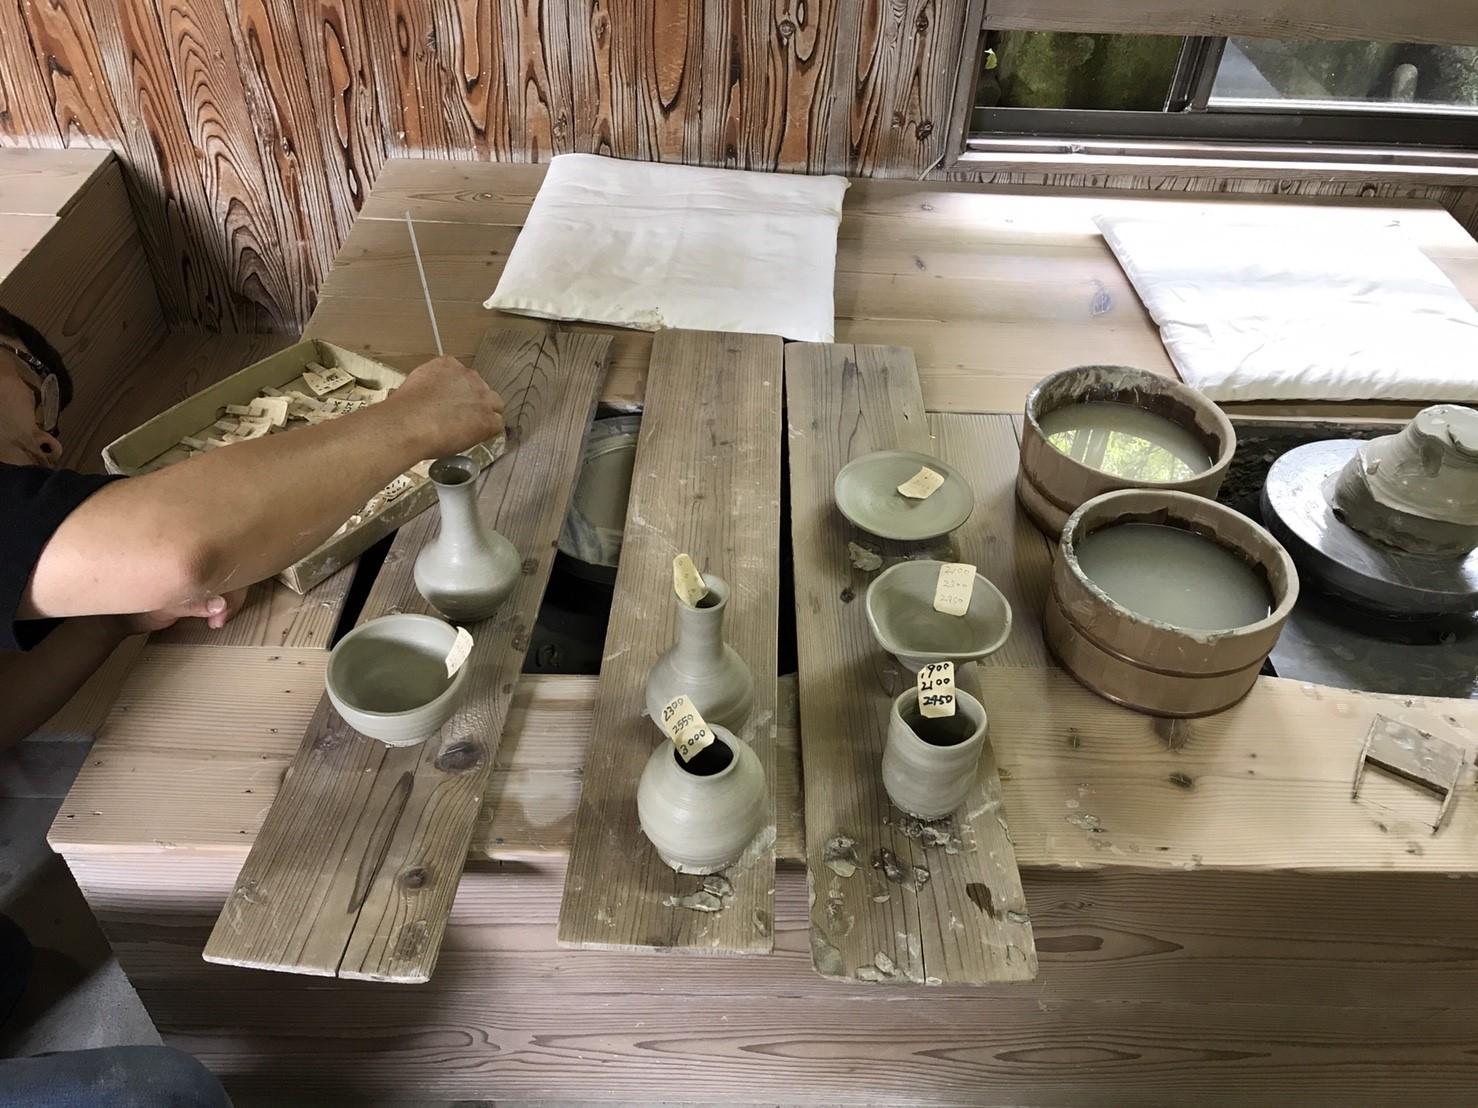 多治見 美濃焼 陶器体験 陶磁器 虎渓窯